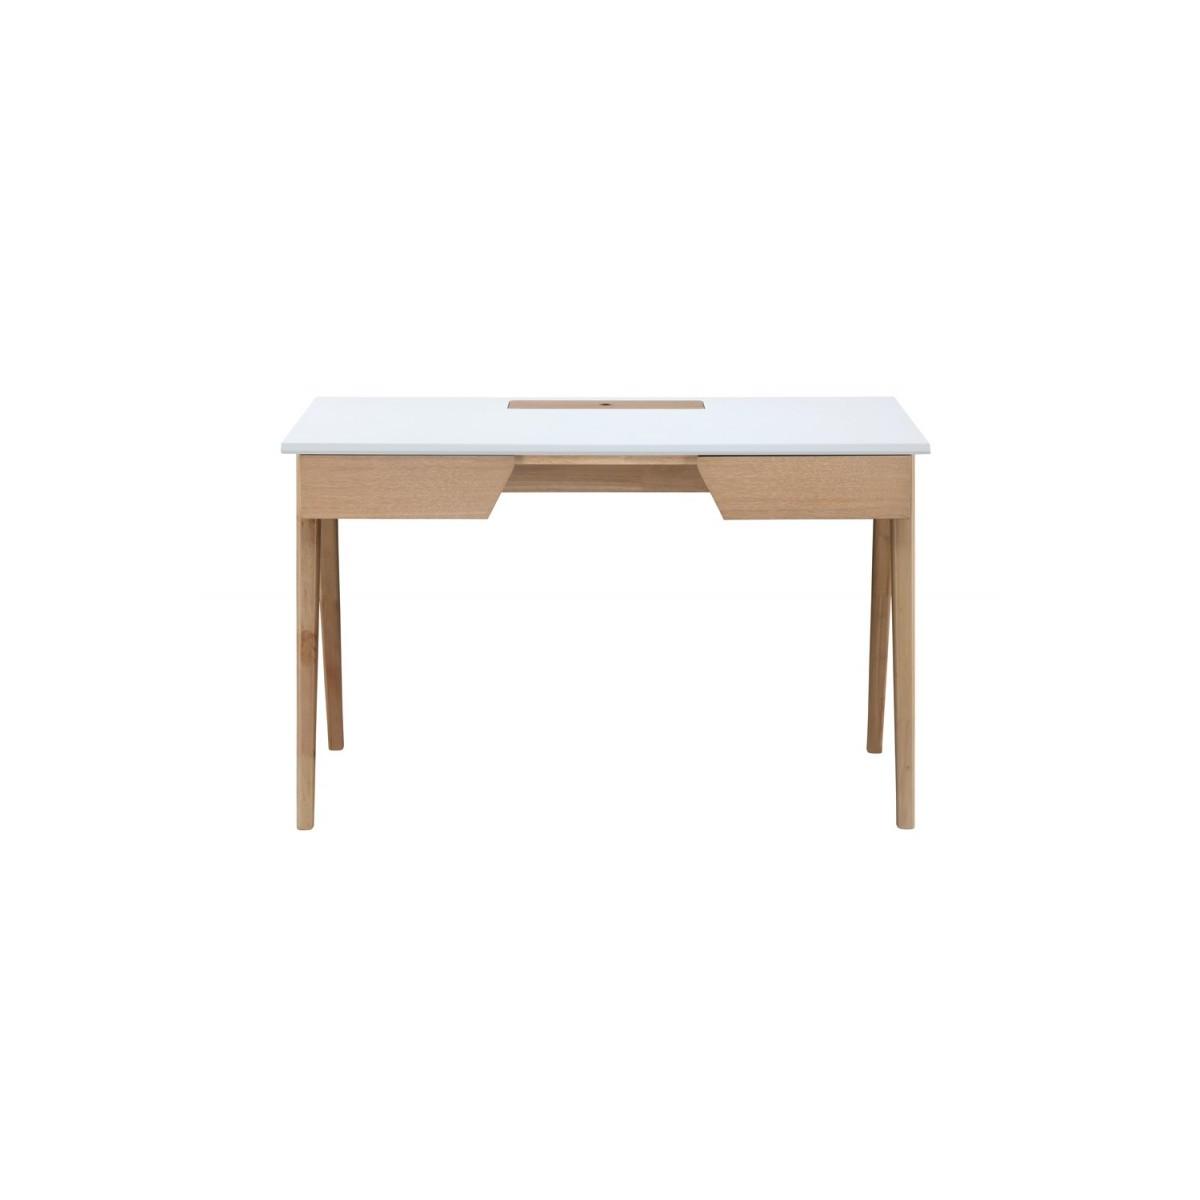 richtige burogestaltung und skandinavischen timeo aus holz 120 cm klar white oak amp story 5436